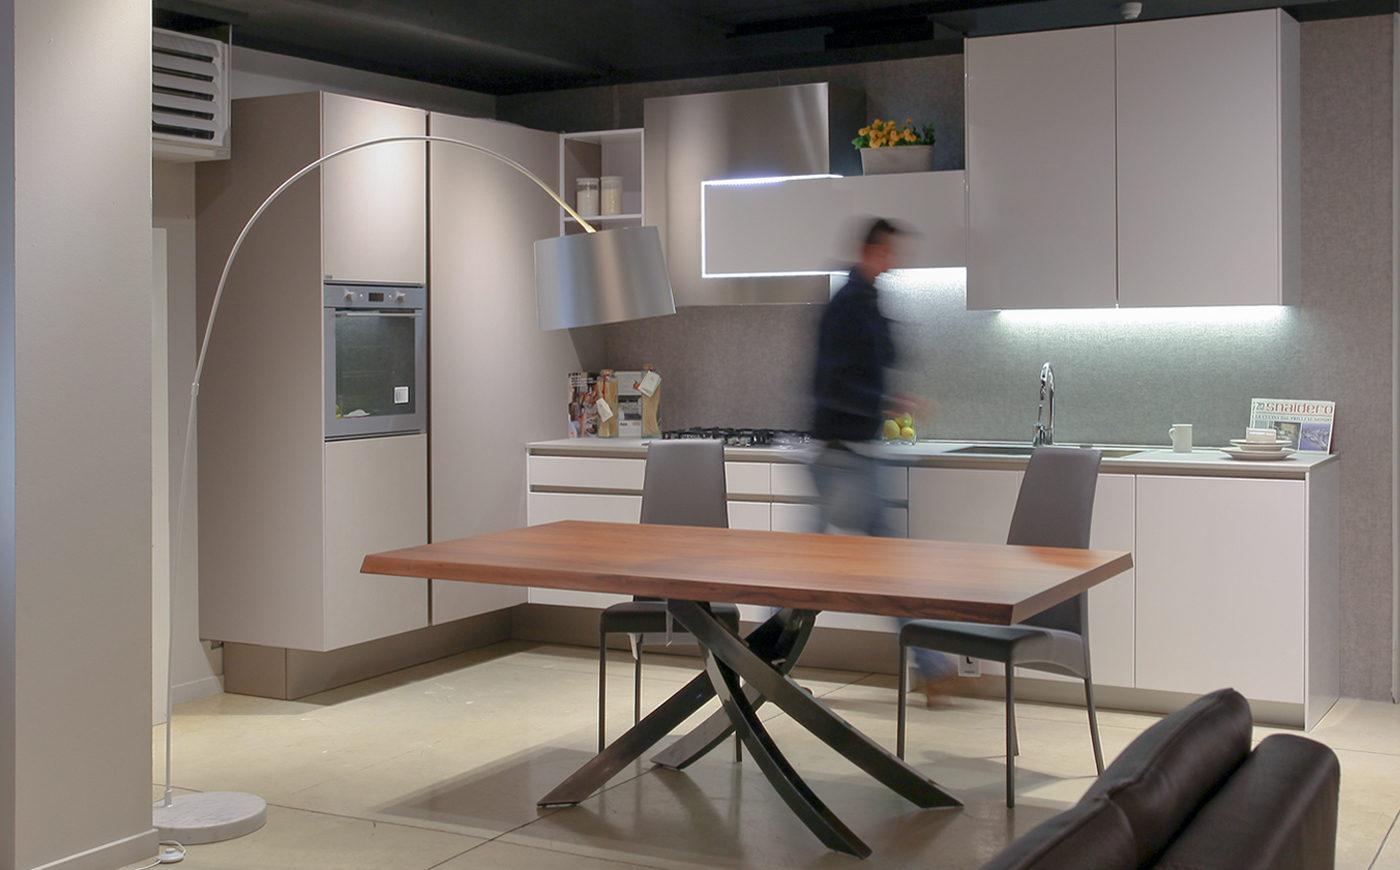 Cucina Snaidero modello First  Dil Mobili Arredamenti